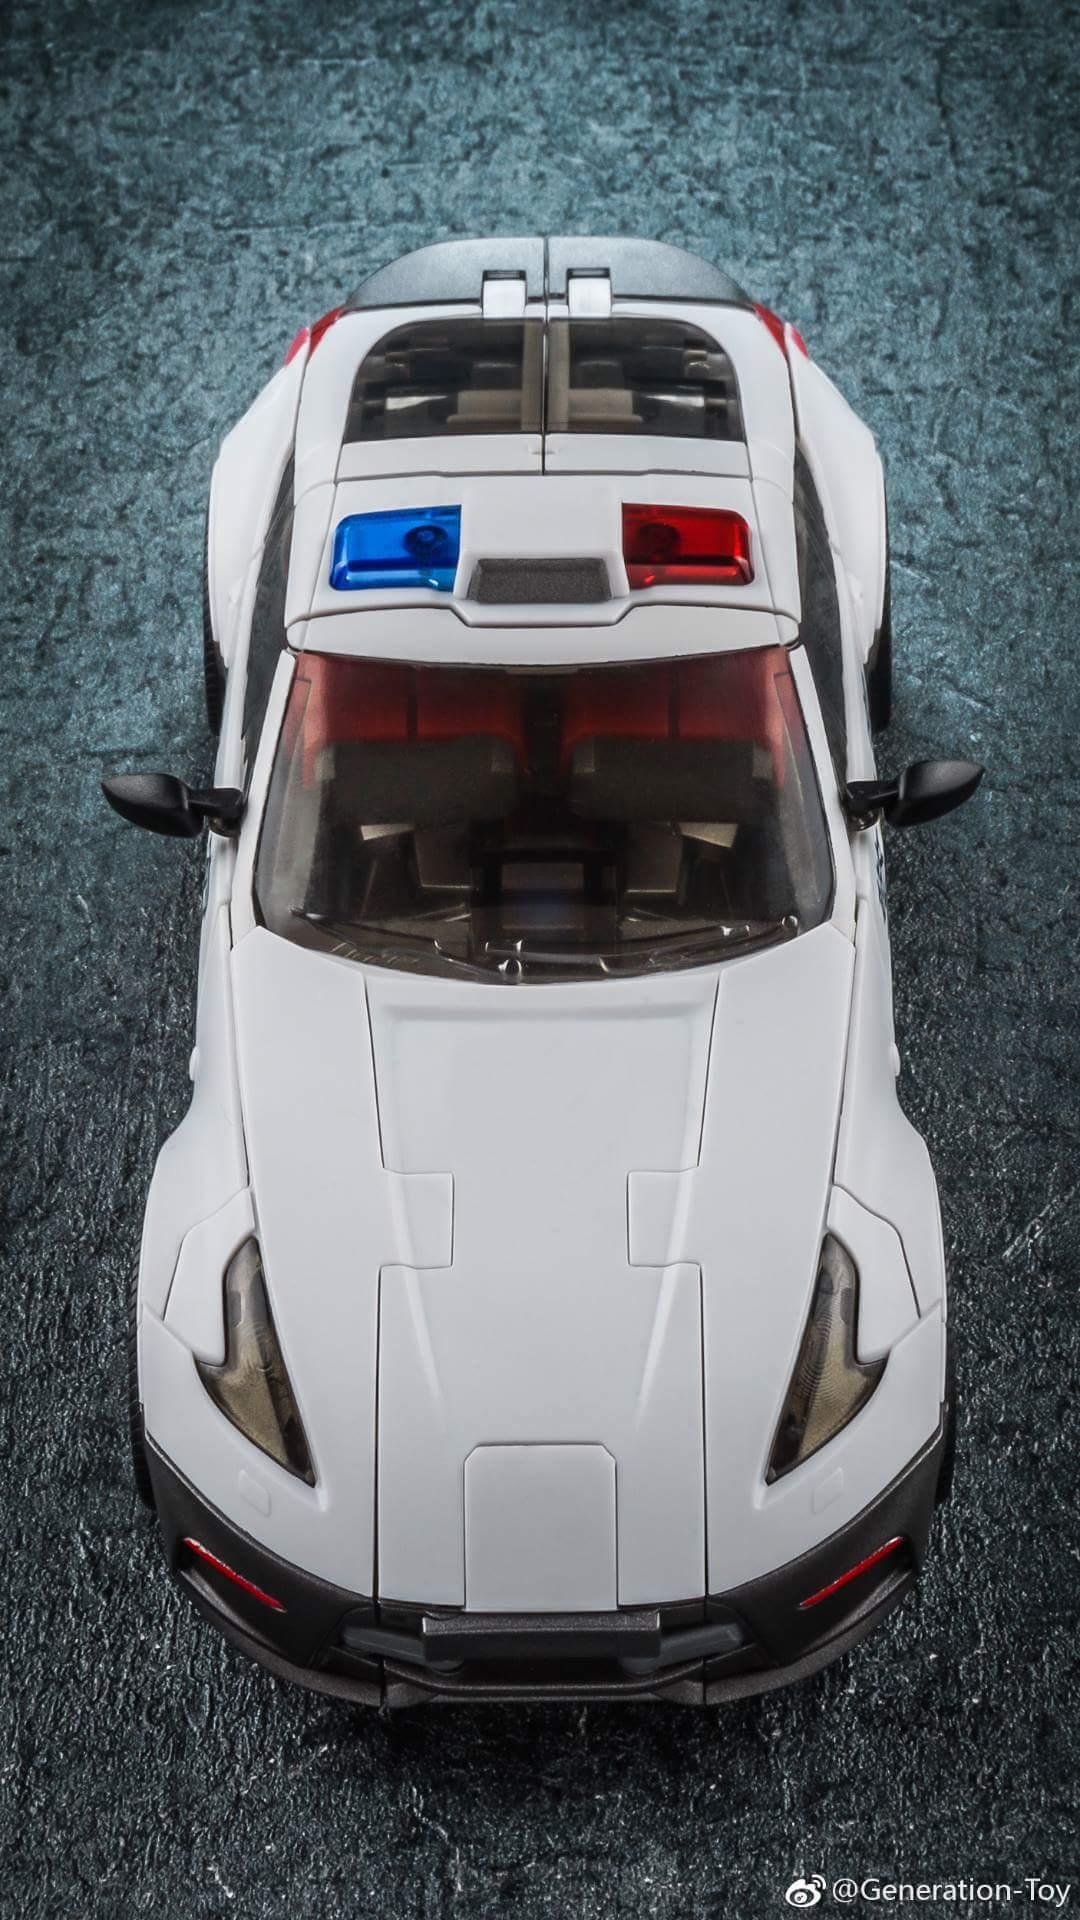 [Generation Toy] Produit Tiers - Jouet GT-08 Guardian - aka Defensor/Defenso JS0HzT2t_o